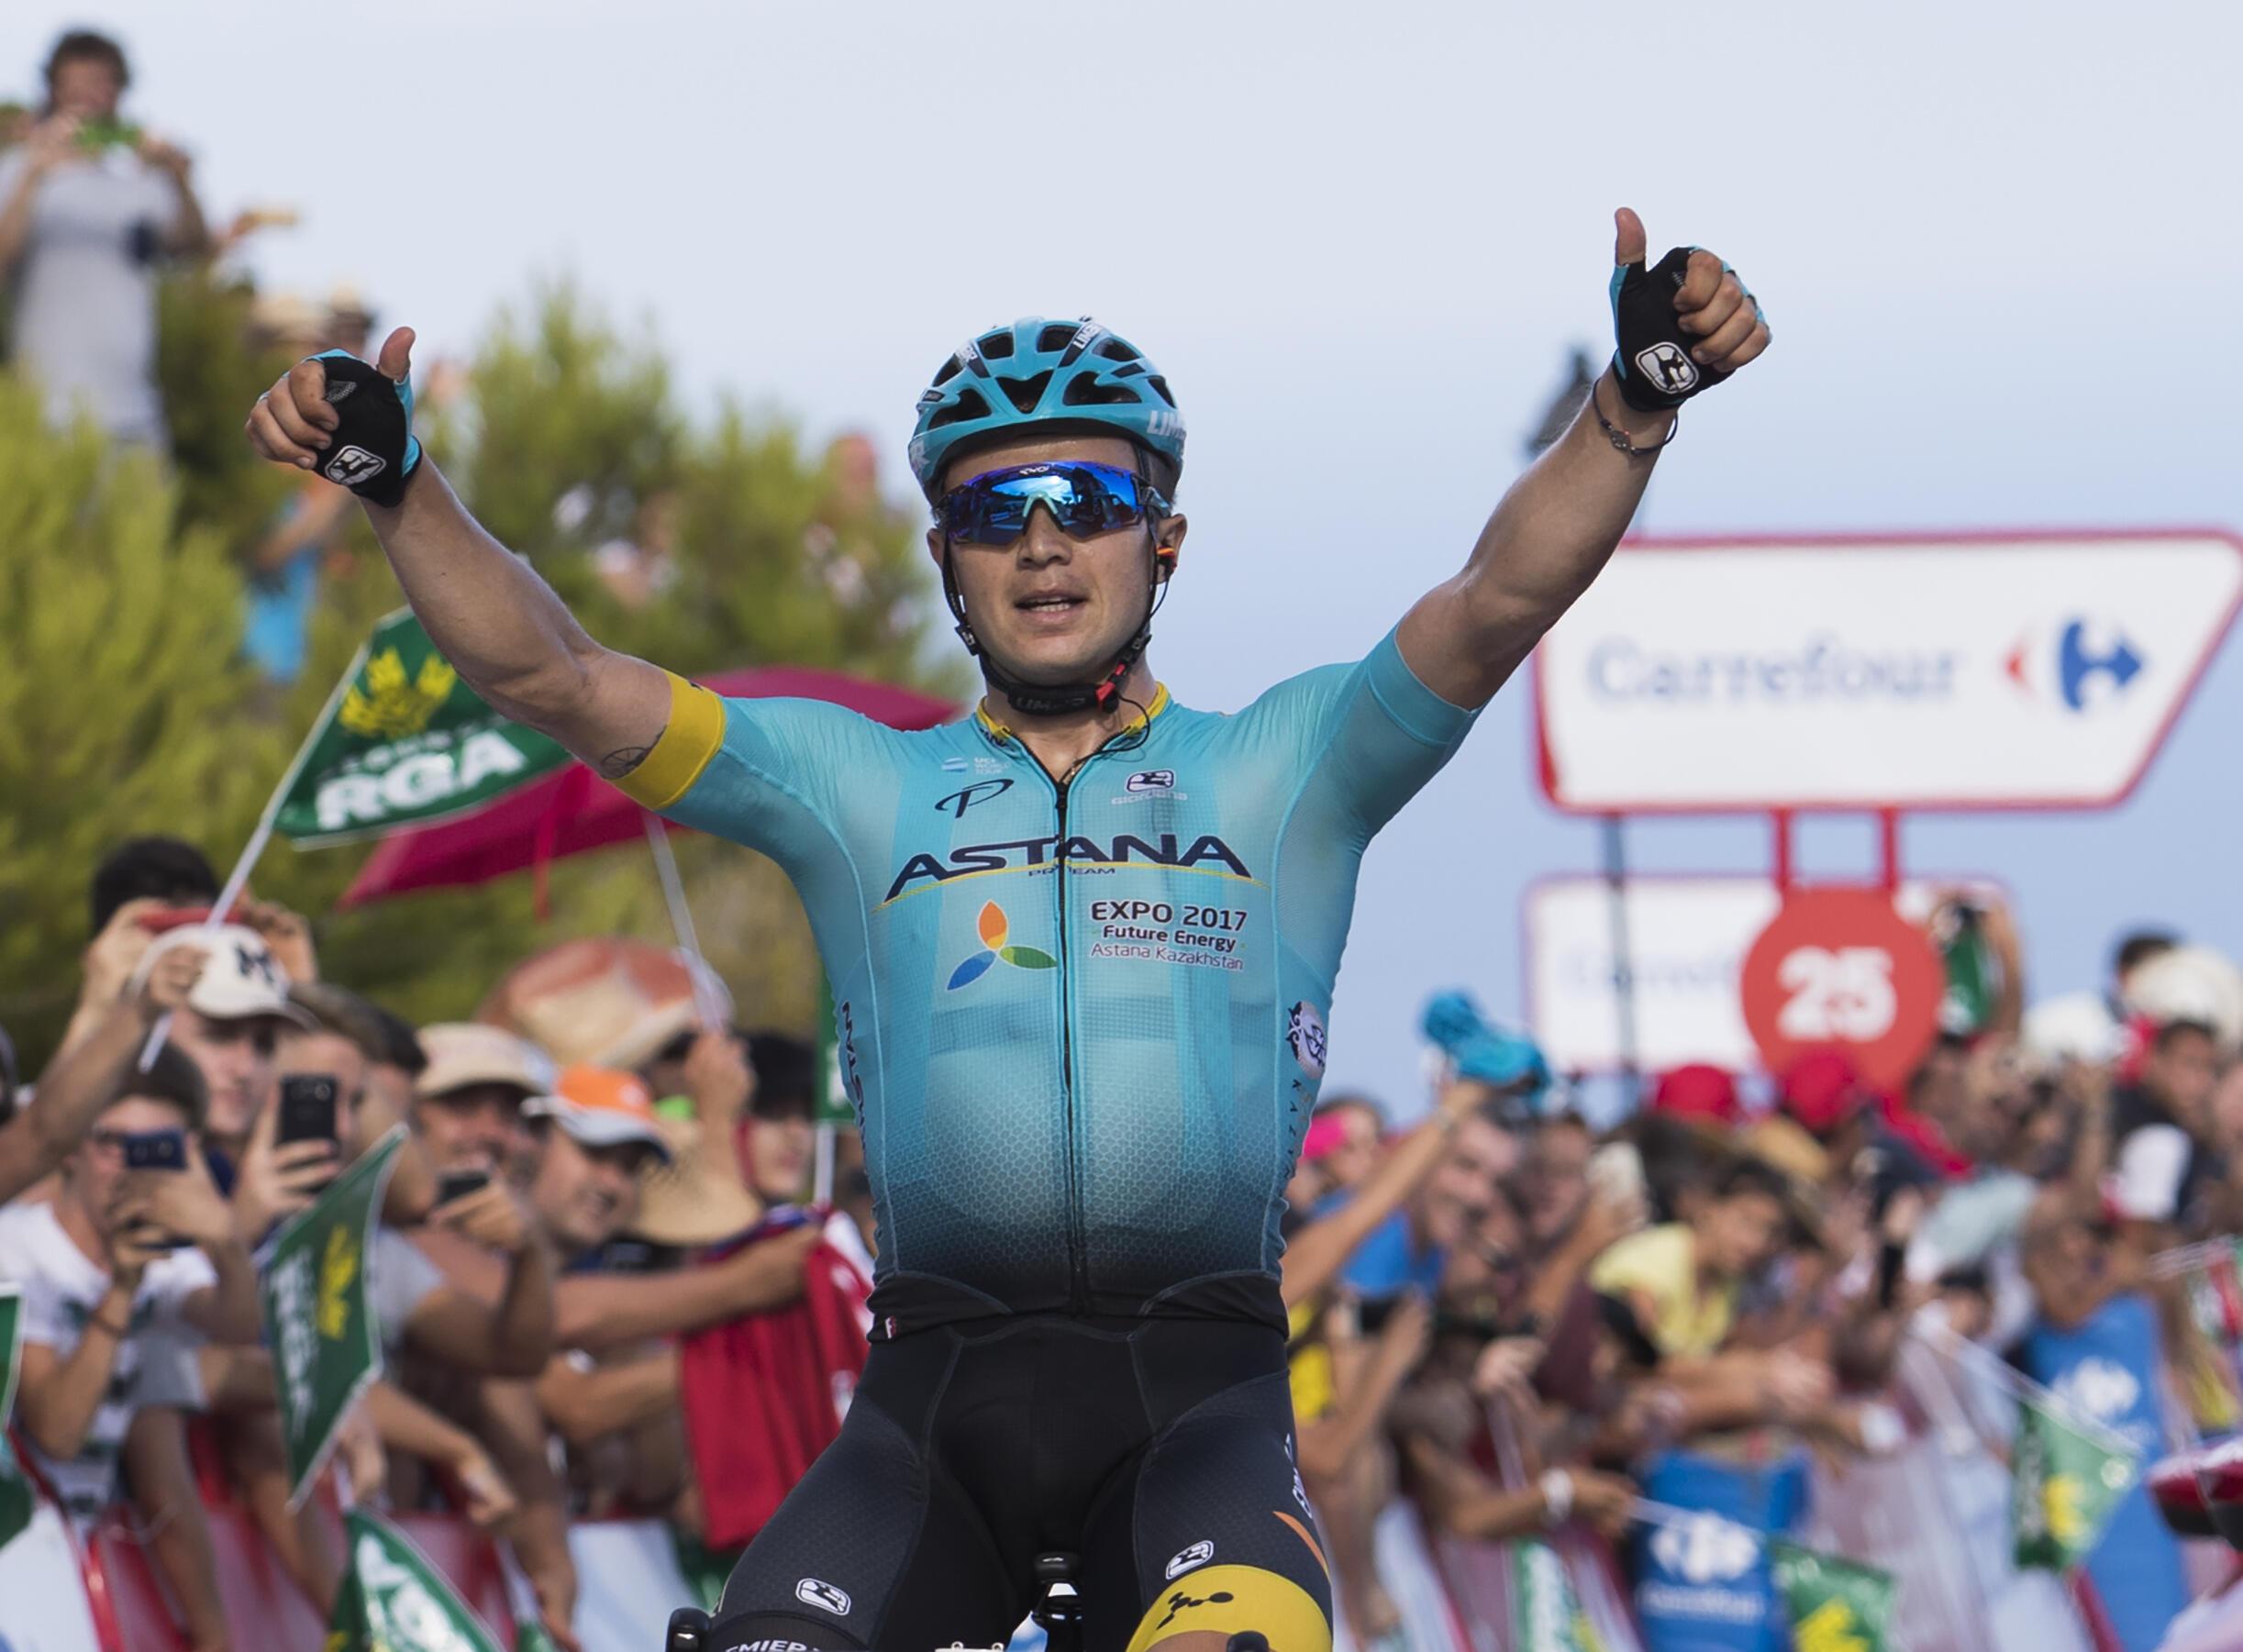 O vencedor da quinta etapa na Vuelta foi Alexey Lutsenko, atleta do Cazaquistão que pertence à equipa Astana.